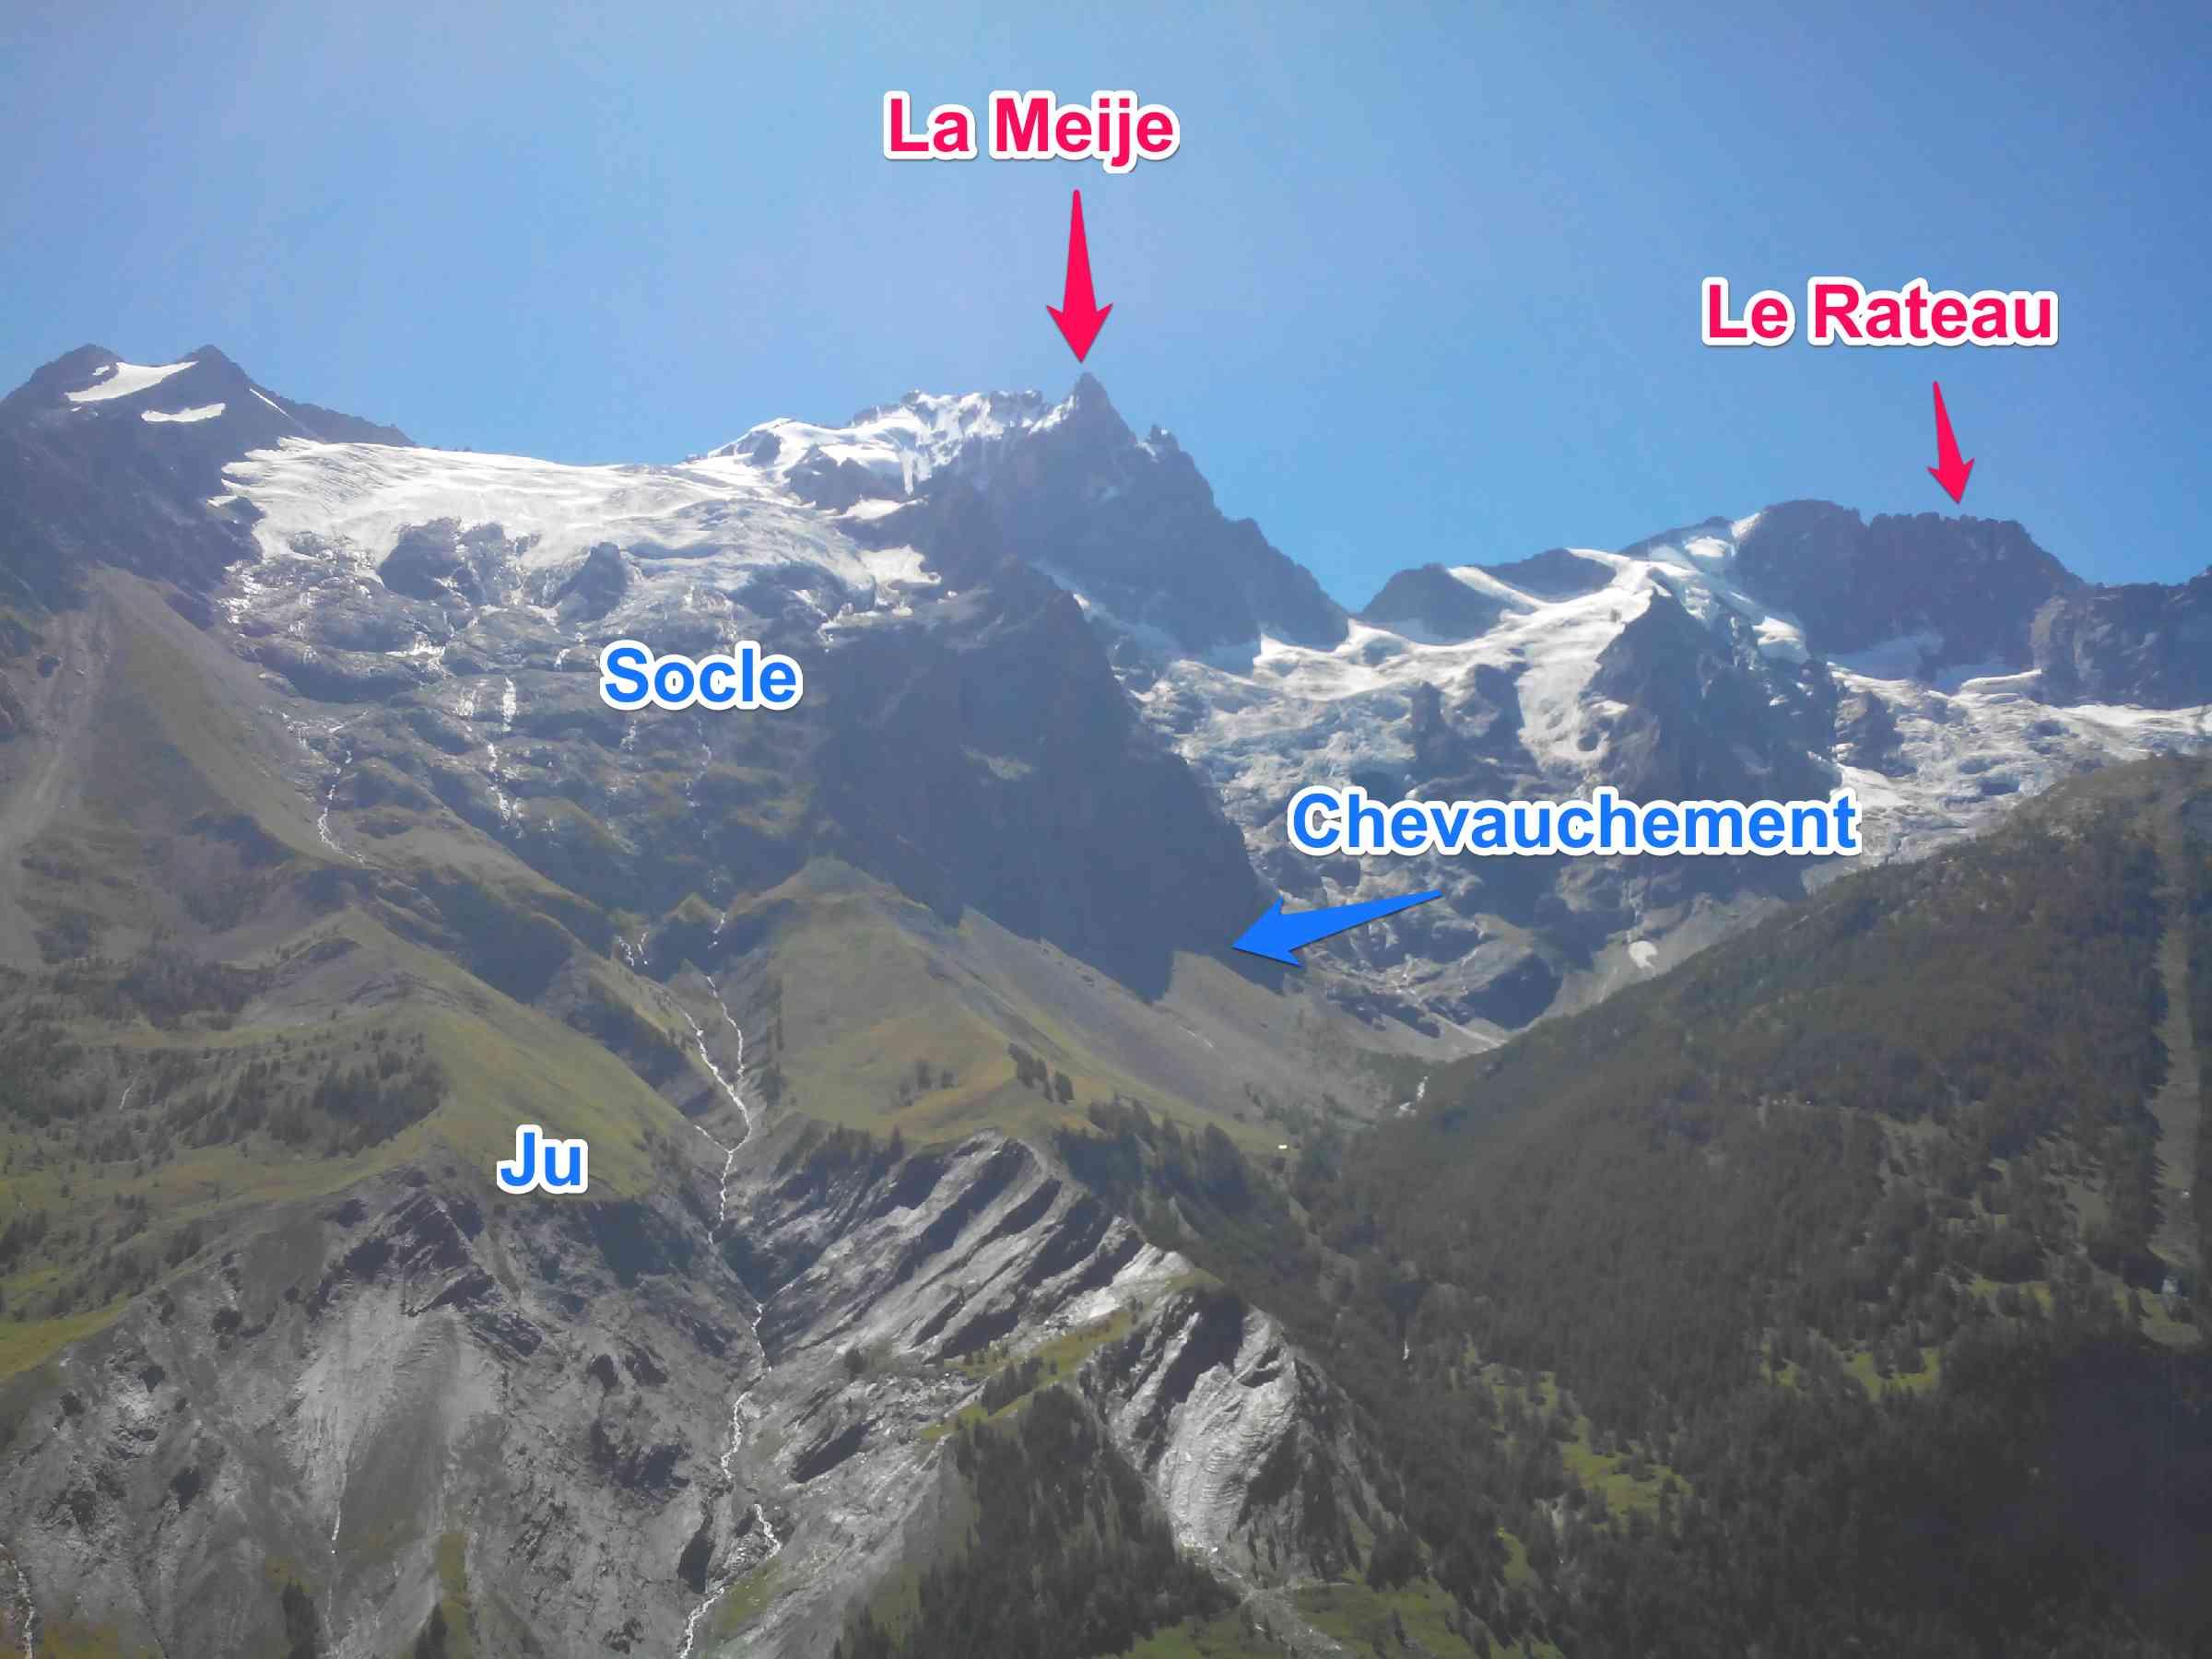 Glacier La Meje Rateau socle Jurassique chevauchement